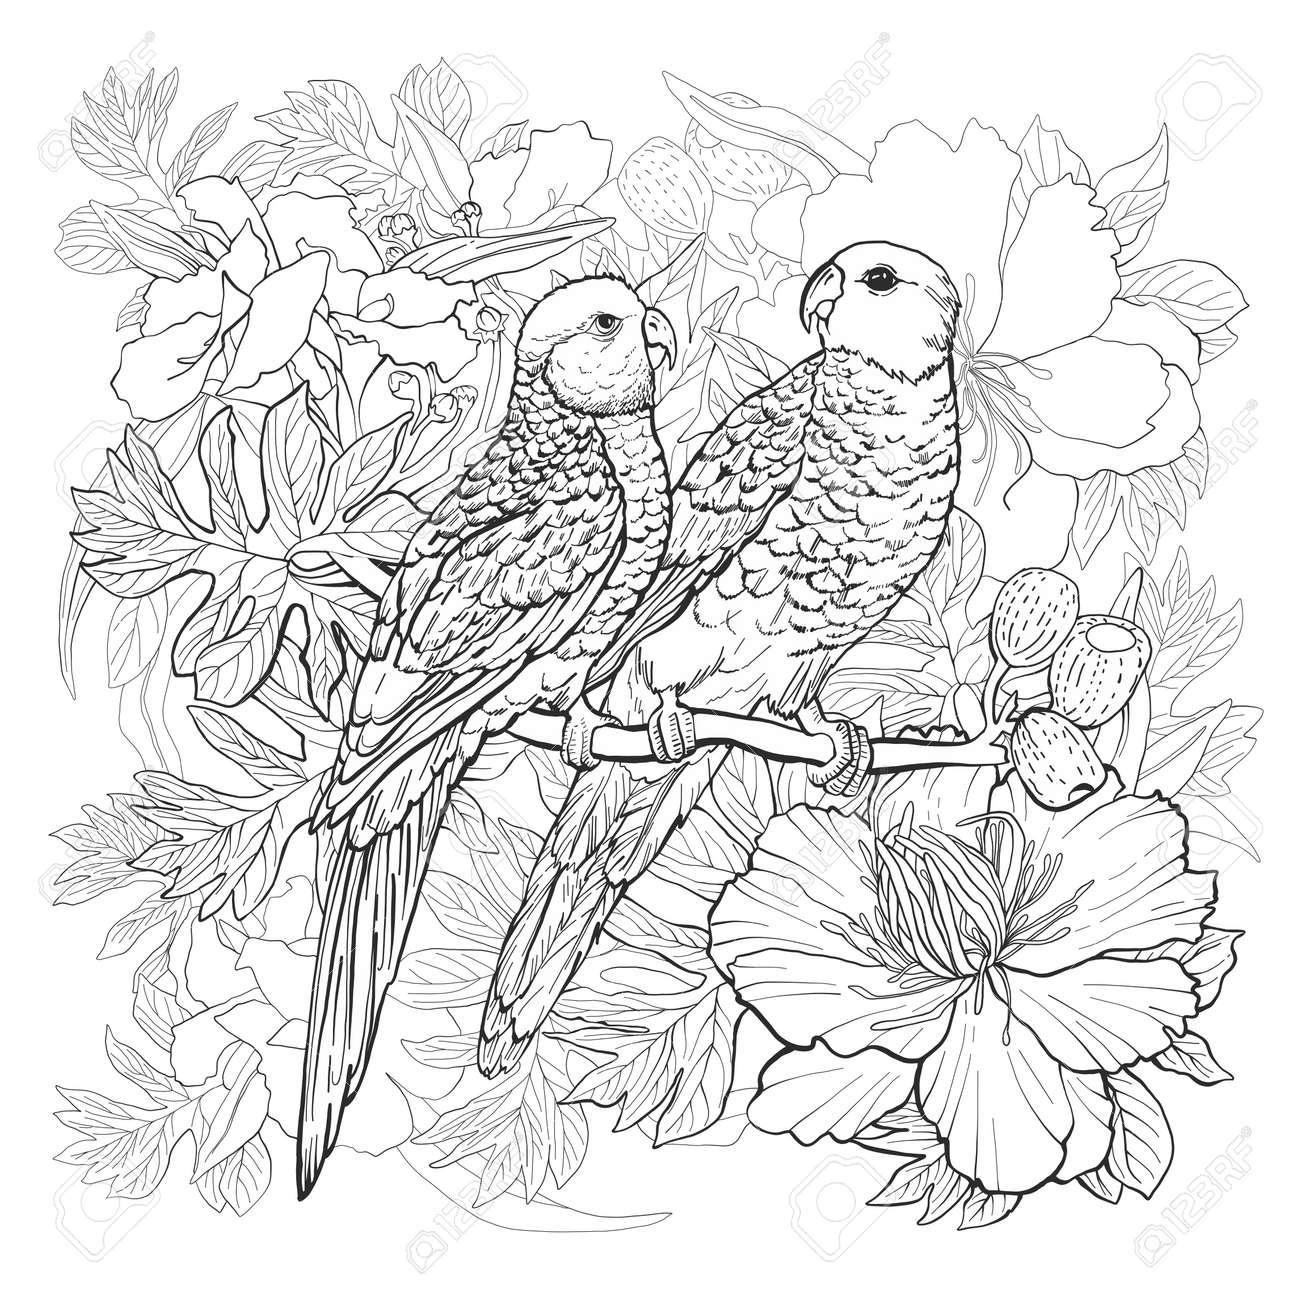 Dibujo Lineal De Dos Loros Y Flores Exóticas Para Colorear